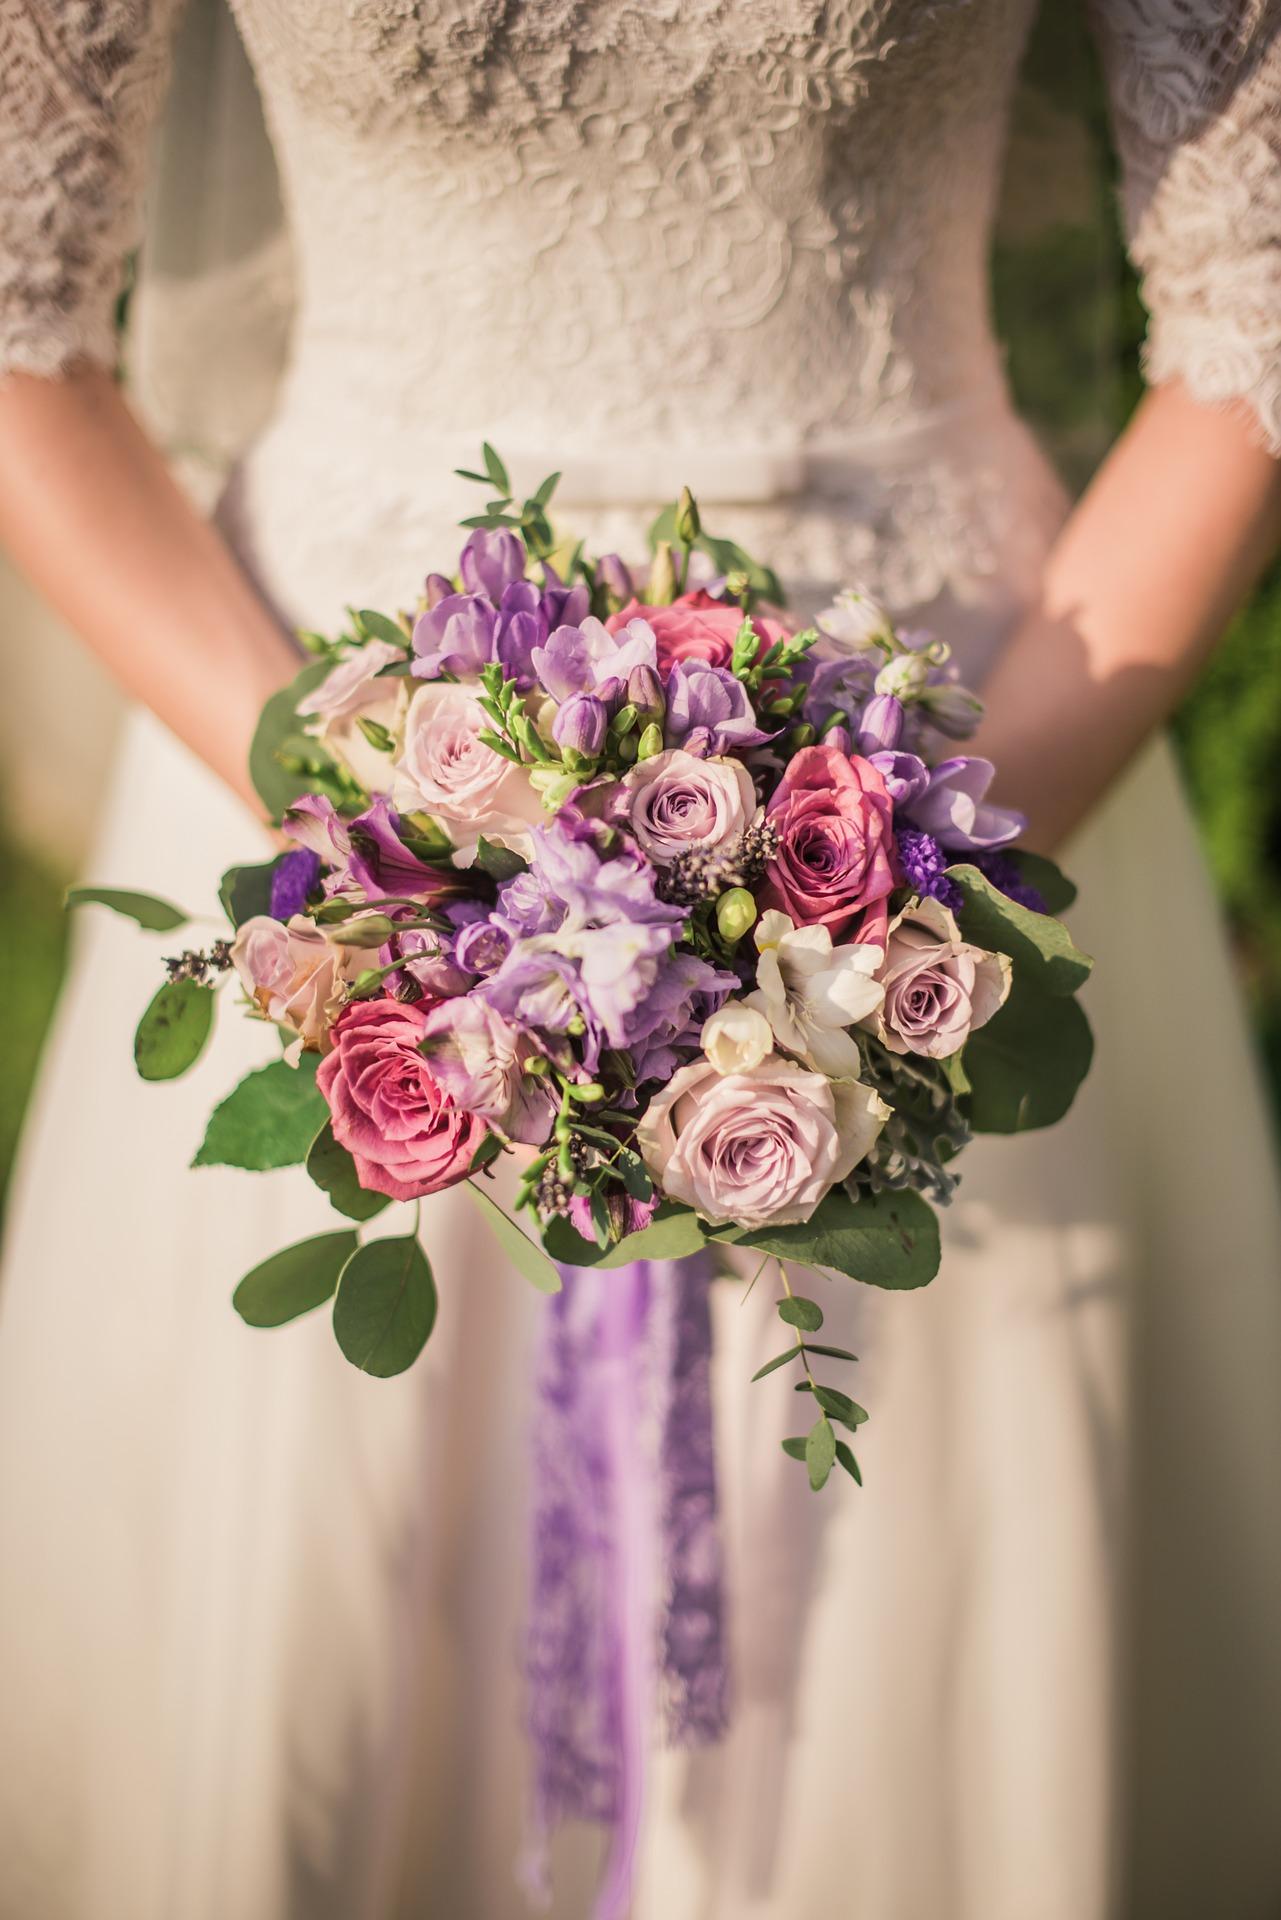 Comment choisir le bouquet de mariée? 1